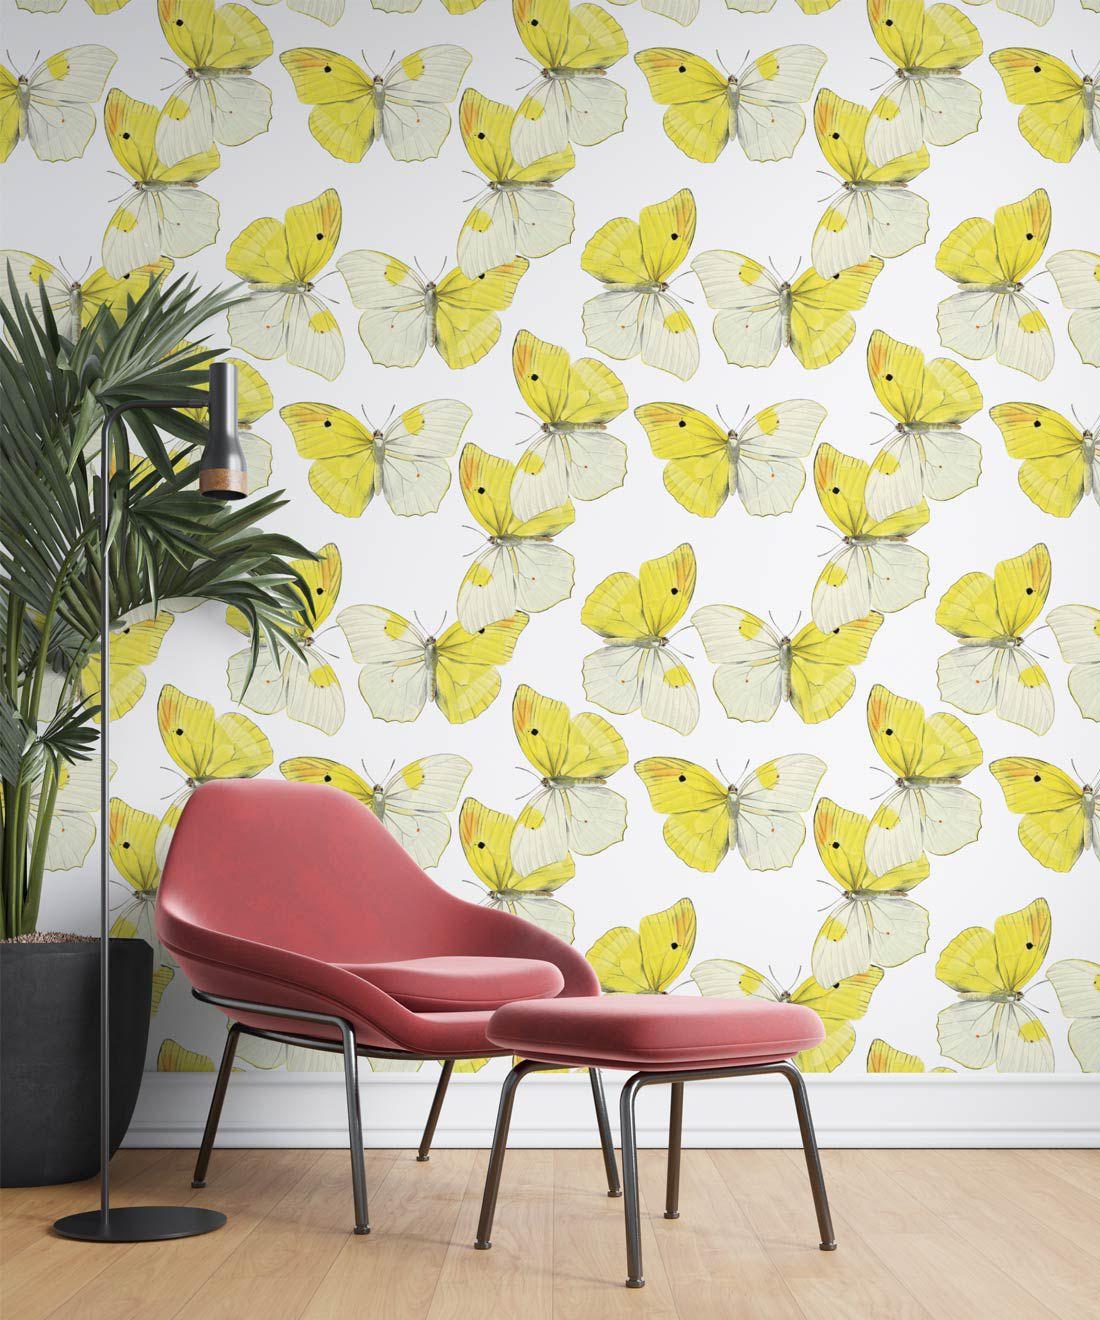 Blended Butterfly Wallpaper • White & Yellow Butterflies Wallpaper •Insitu